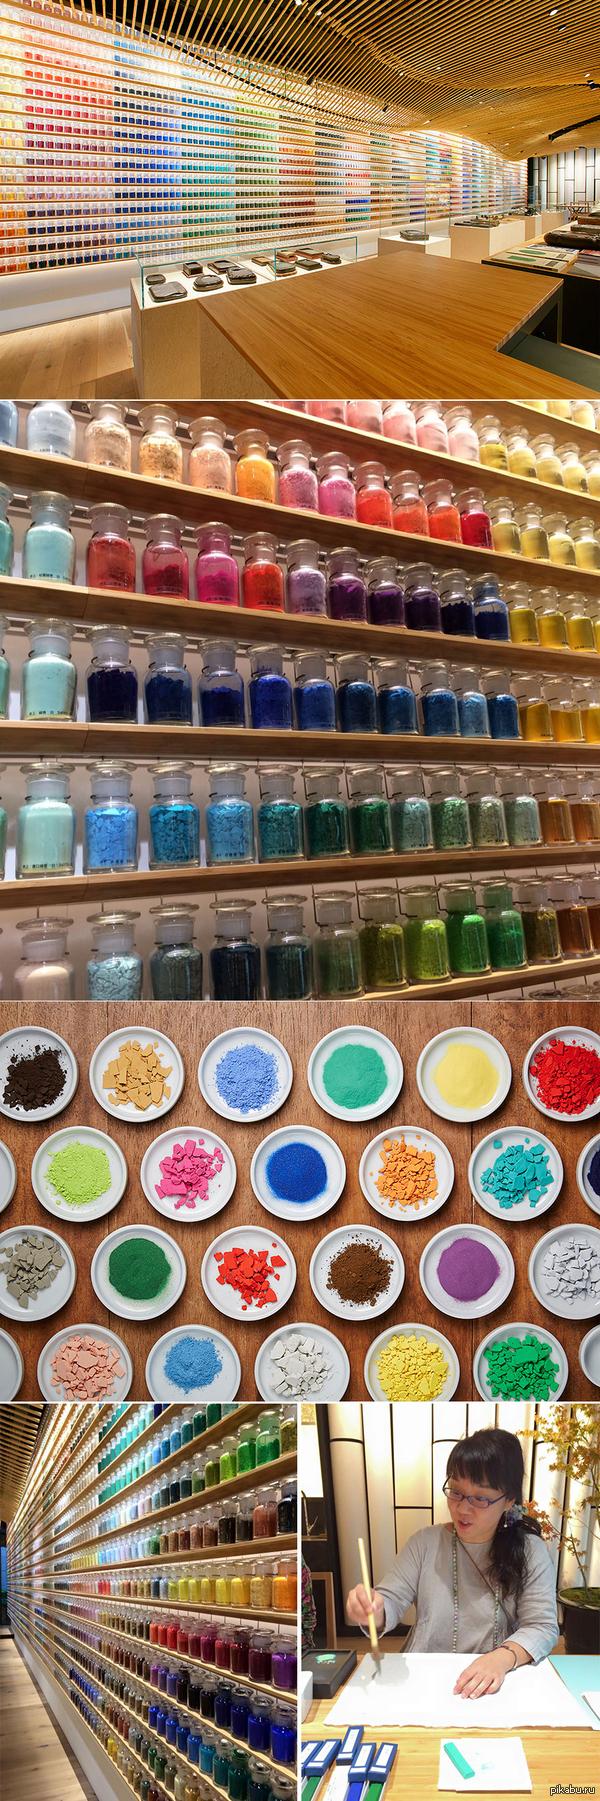 В японском магазине стоят рядами 4200 красителей разных оттенков для ценителей и продолжателей традиционной художественной техники